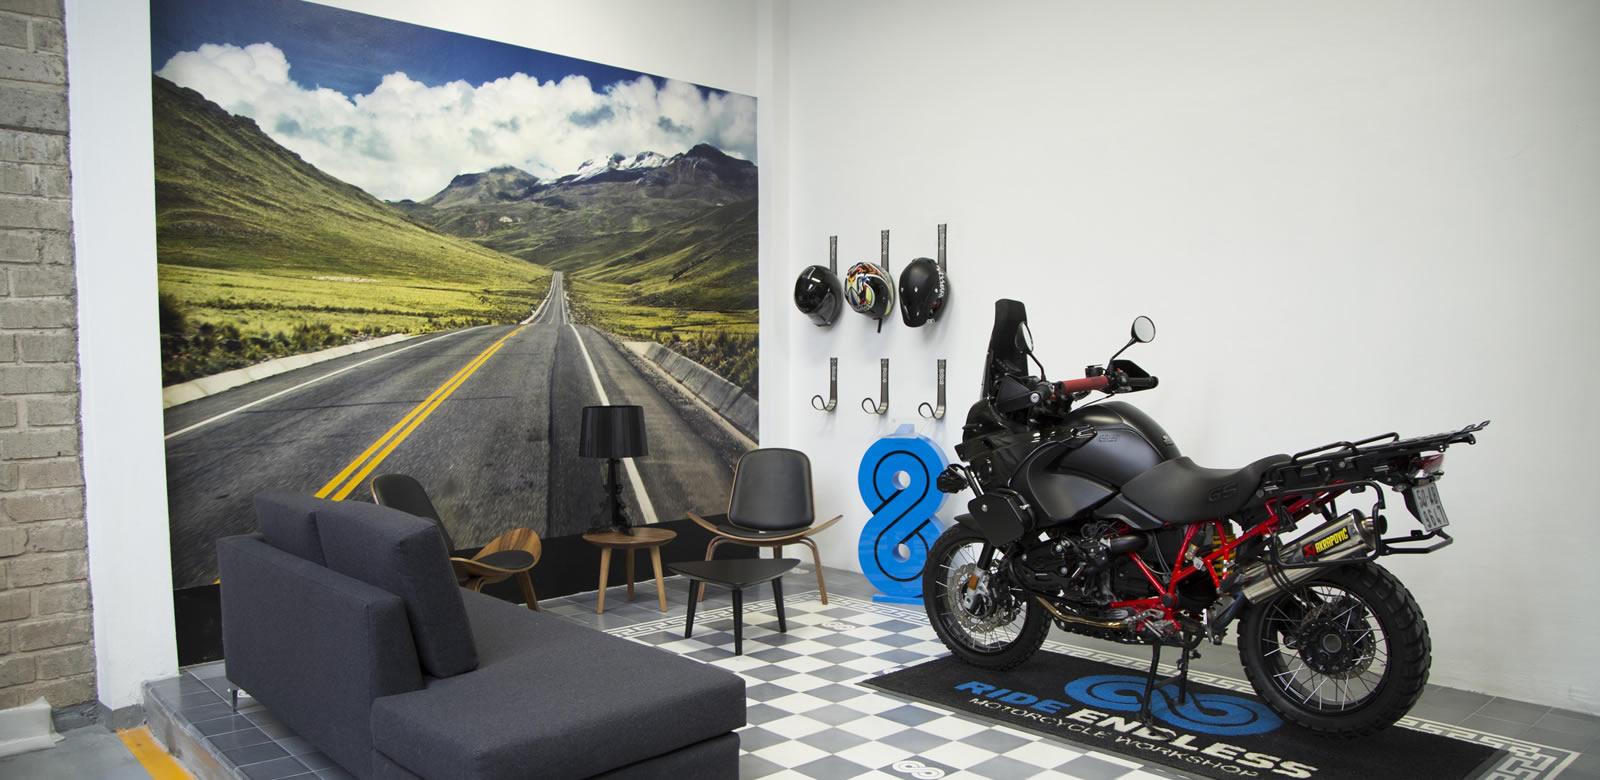 taller de reparación motos bmw